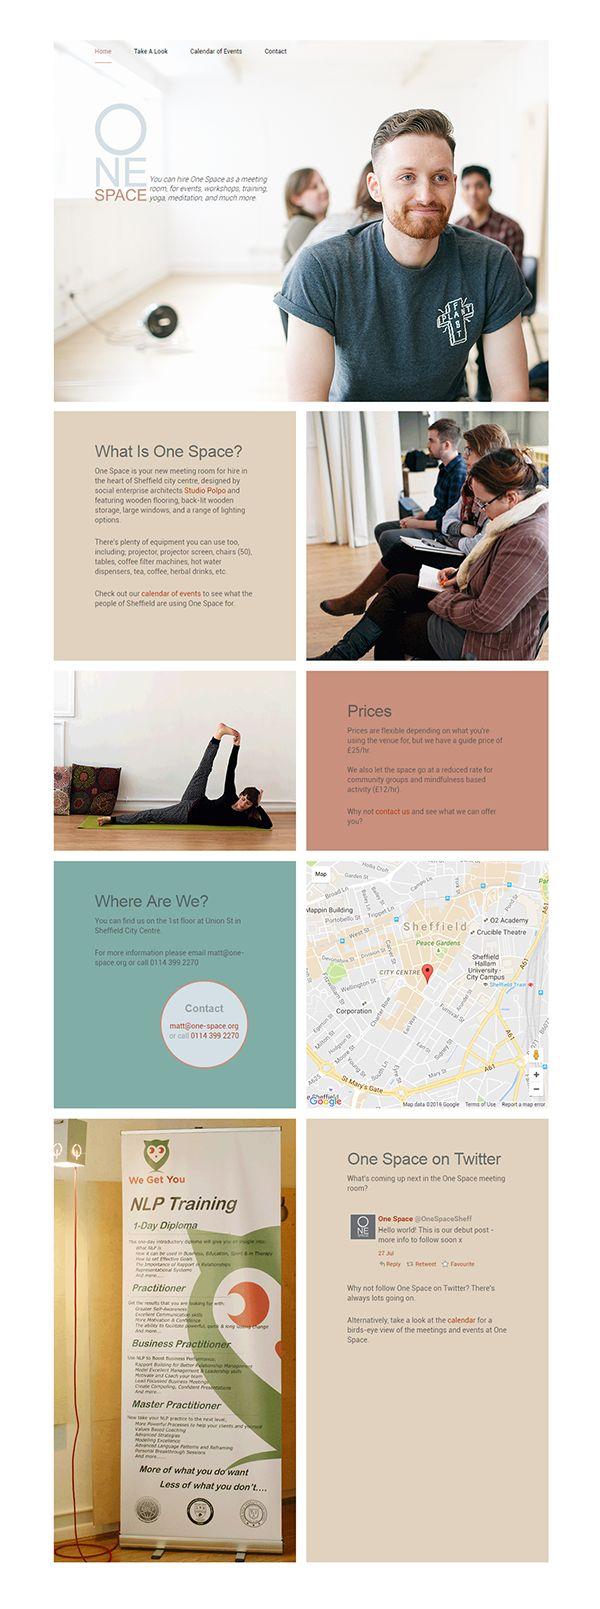 Website design by Engine Head.